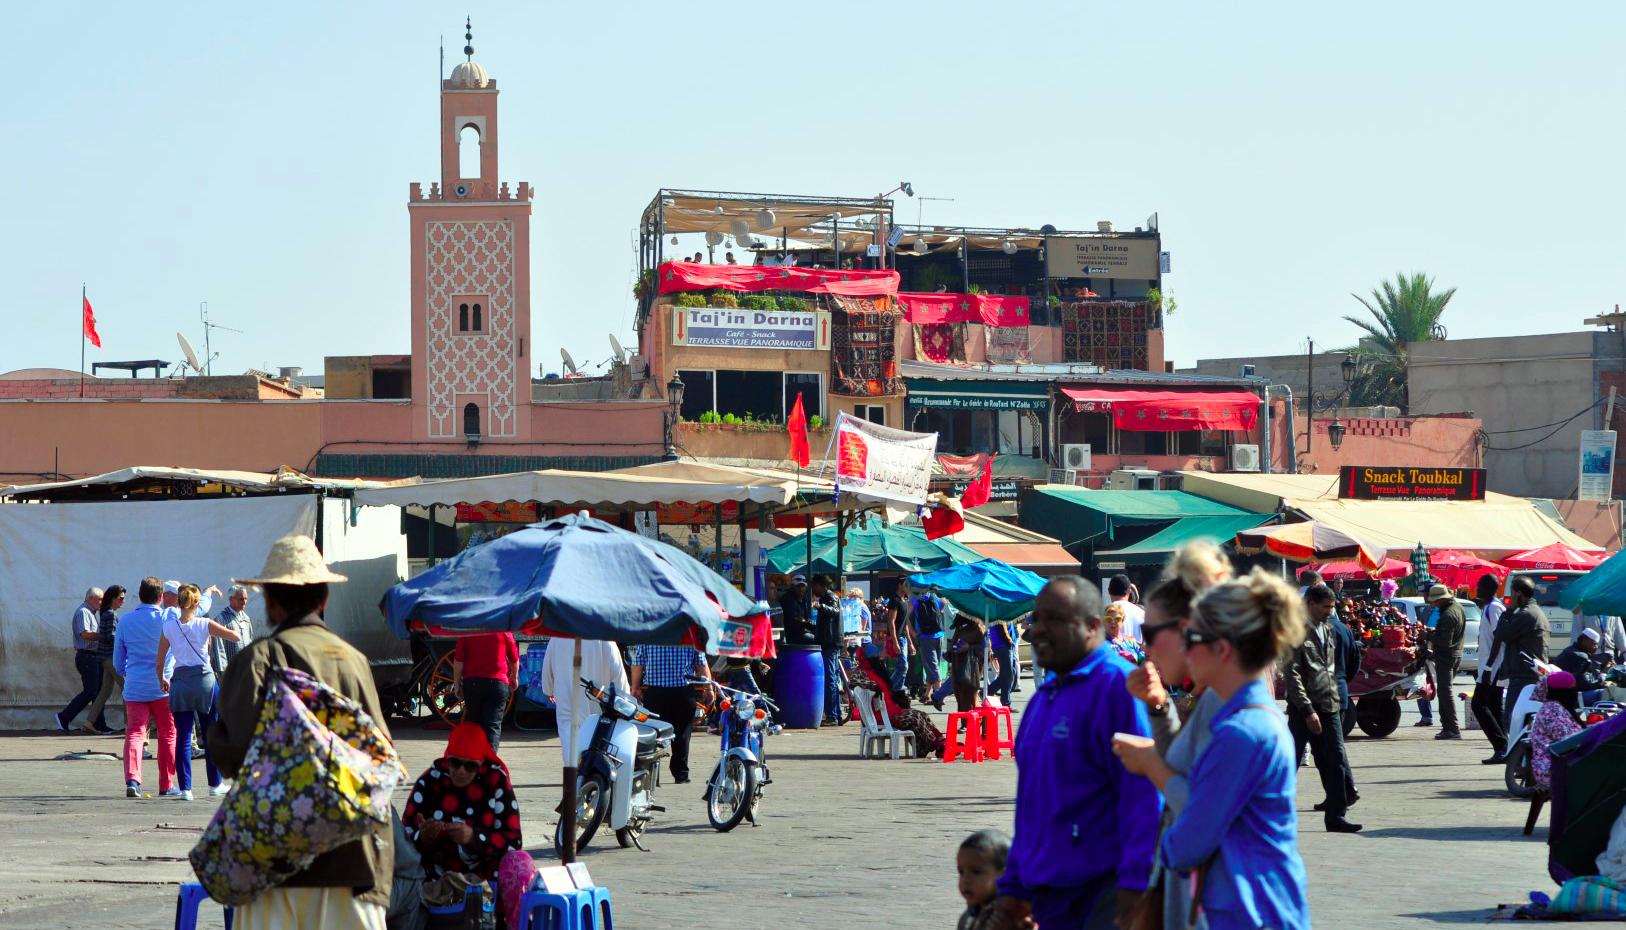 Qué ver en Marrakech, Marruecos - Morocco qué ver en marrakech - 30892956642 0d3e0534ff o - Qué ver en Marrakech, Marruecos